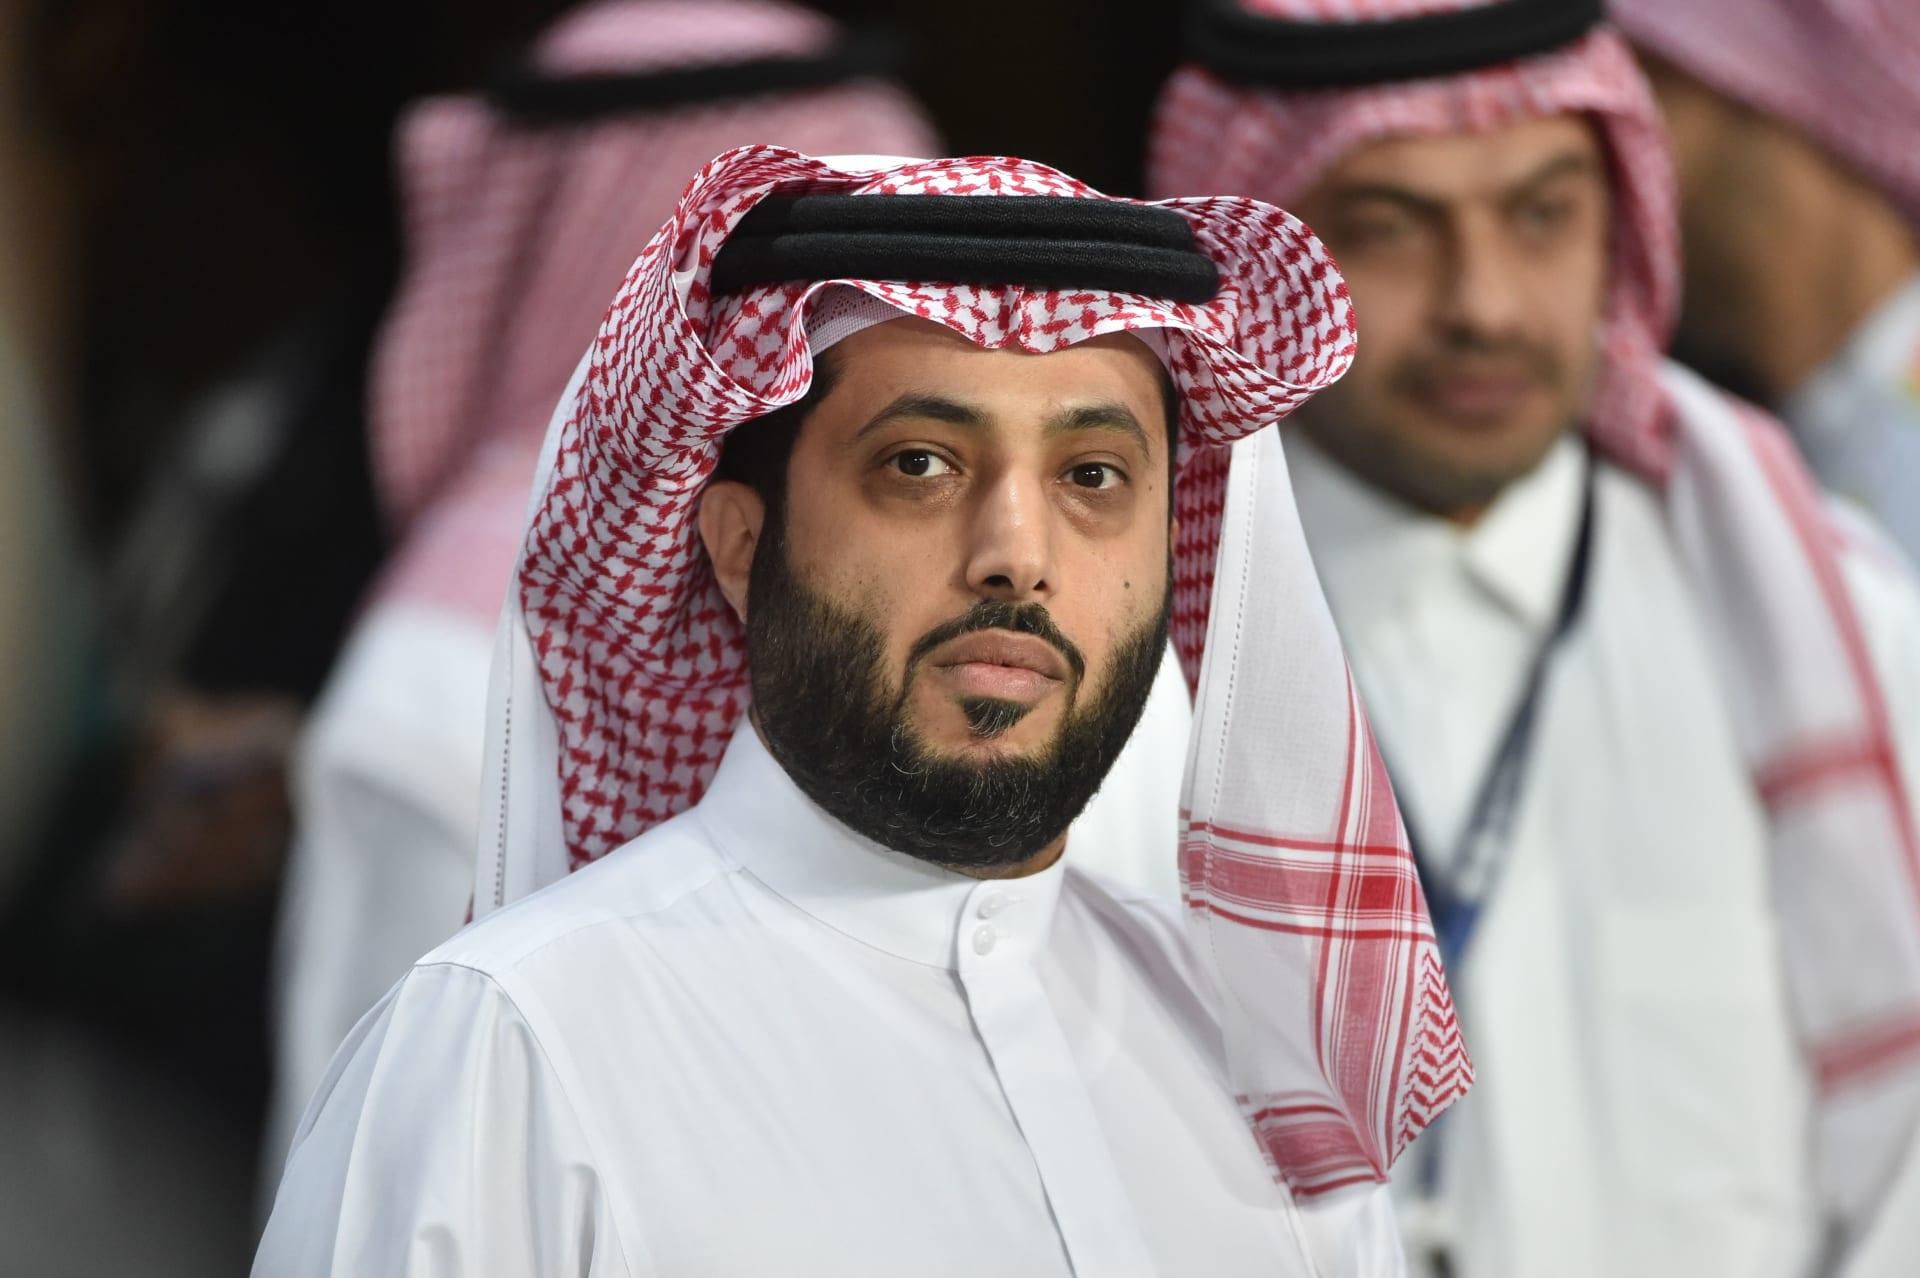 بصورة مع الخطيب.. تركي آل الشيخ يوجه رسالة للأهلي بعد بلوغ النهائي